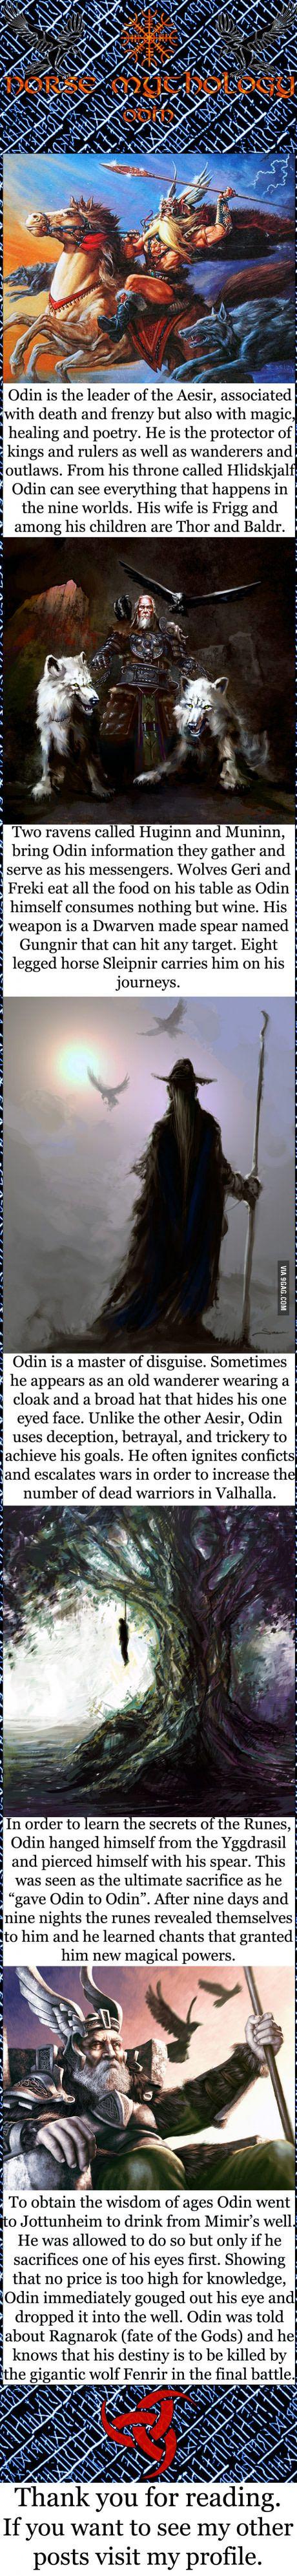 Norse mythology - Odin                                                                                                                                                                                 More